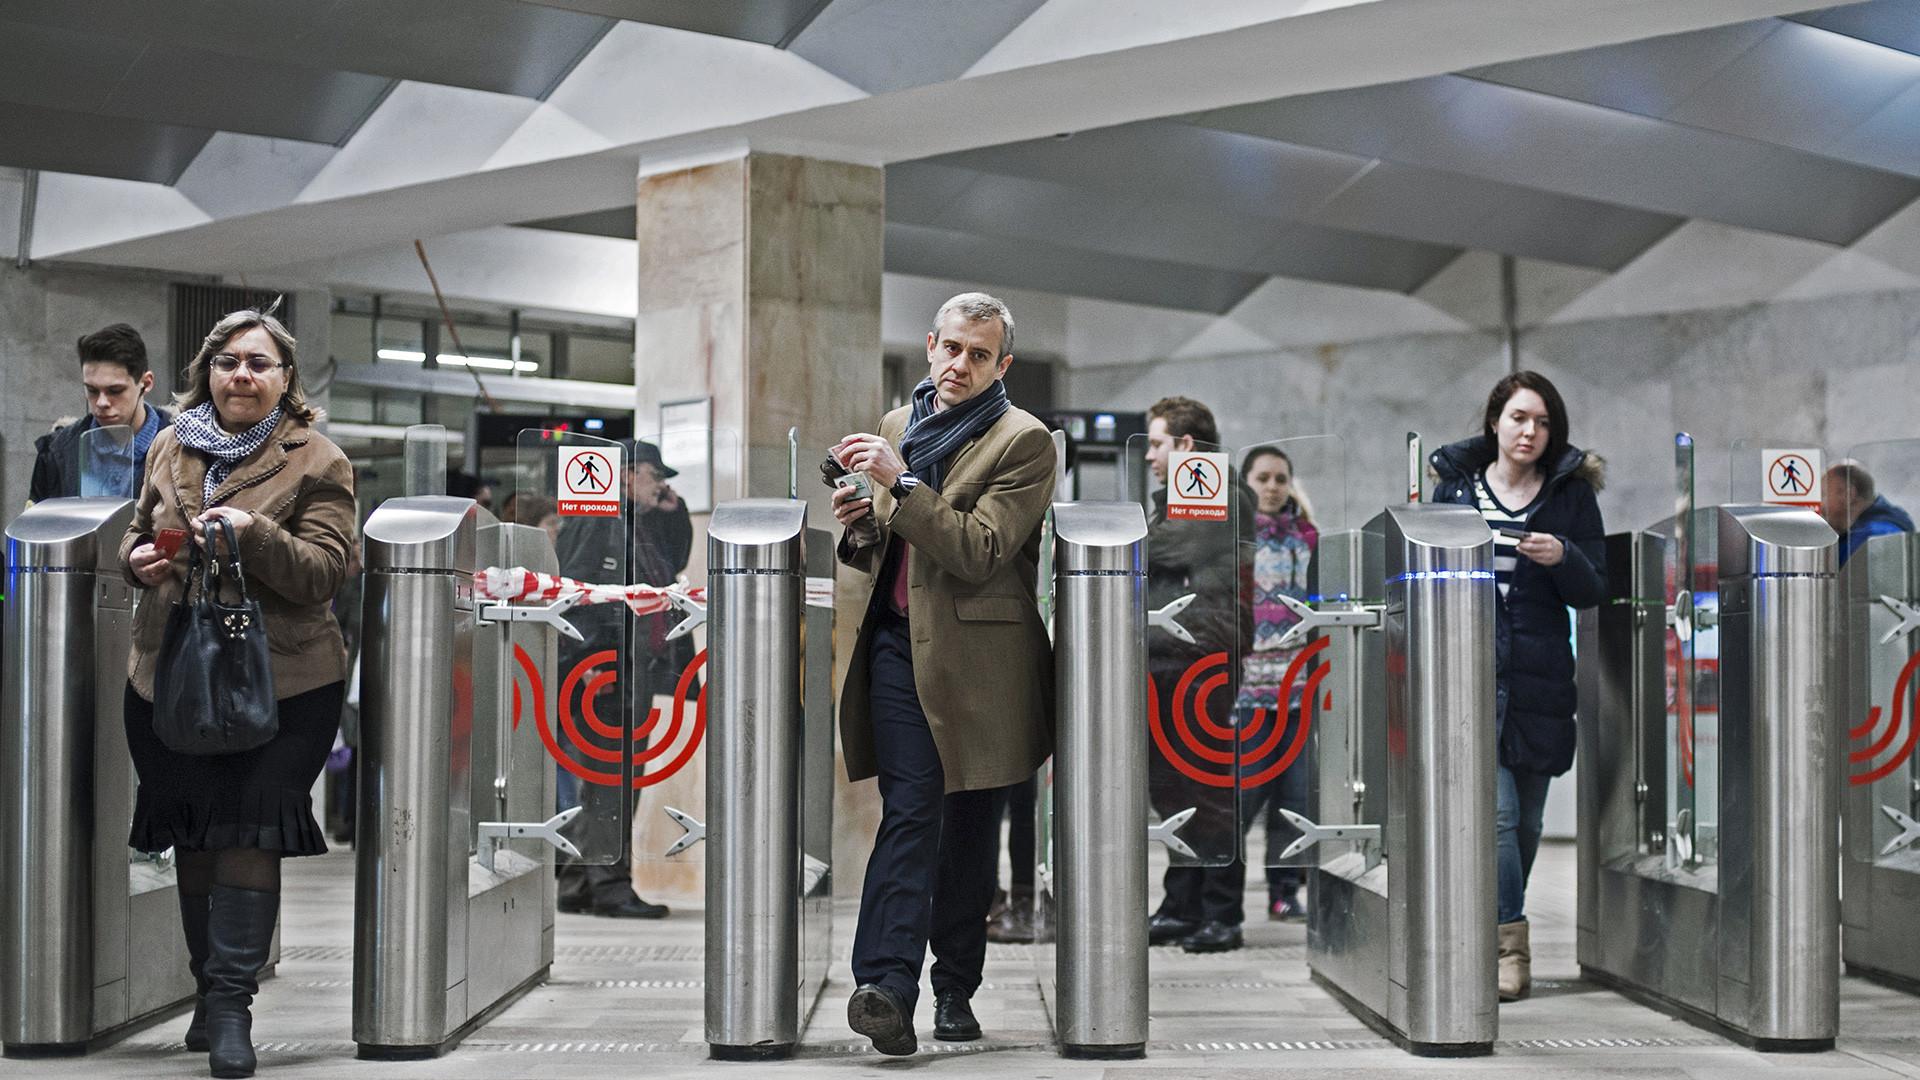 Passengers pass turnstiles at the Serpukhovskaya station of the Serpukhovsko-Timiryazevskaya Moscow metro line.